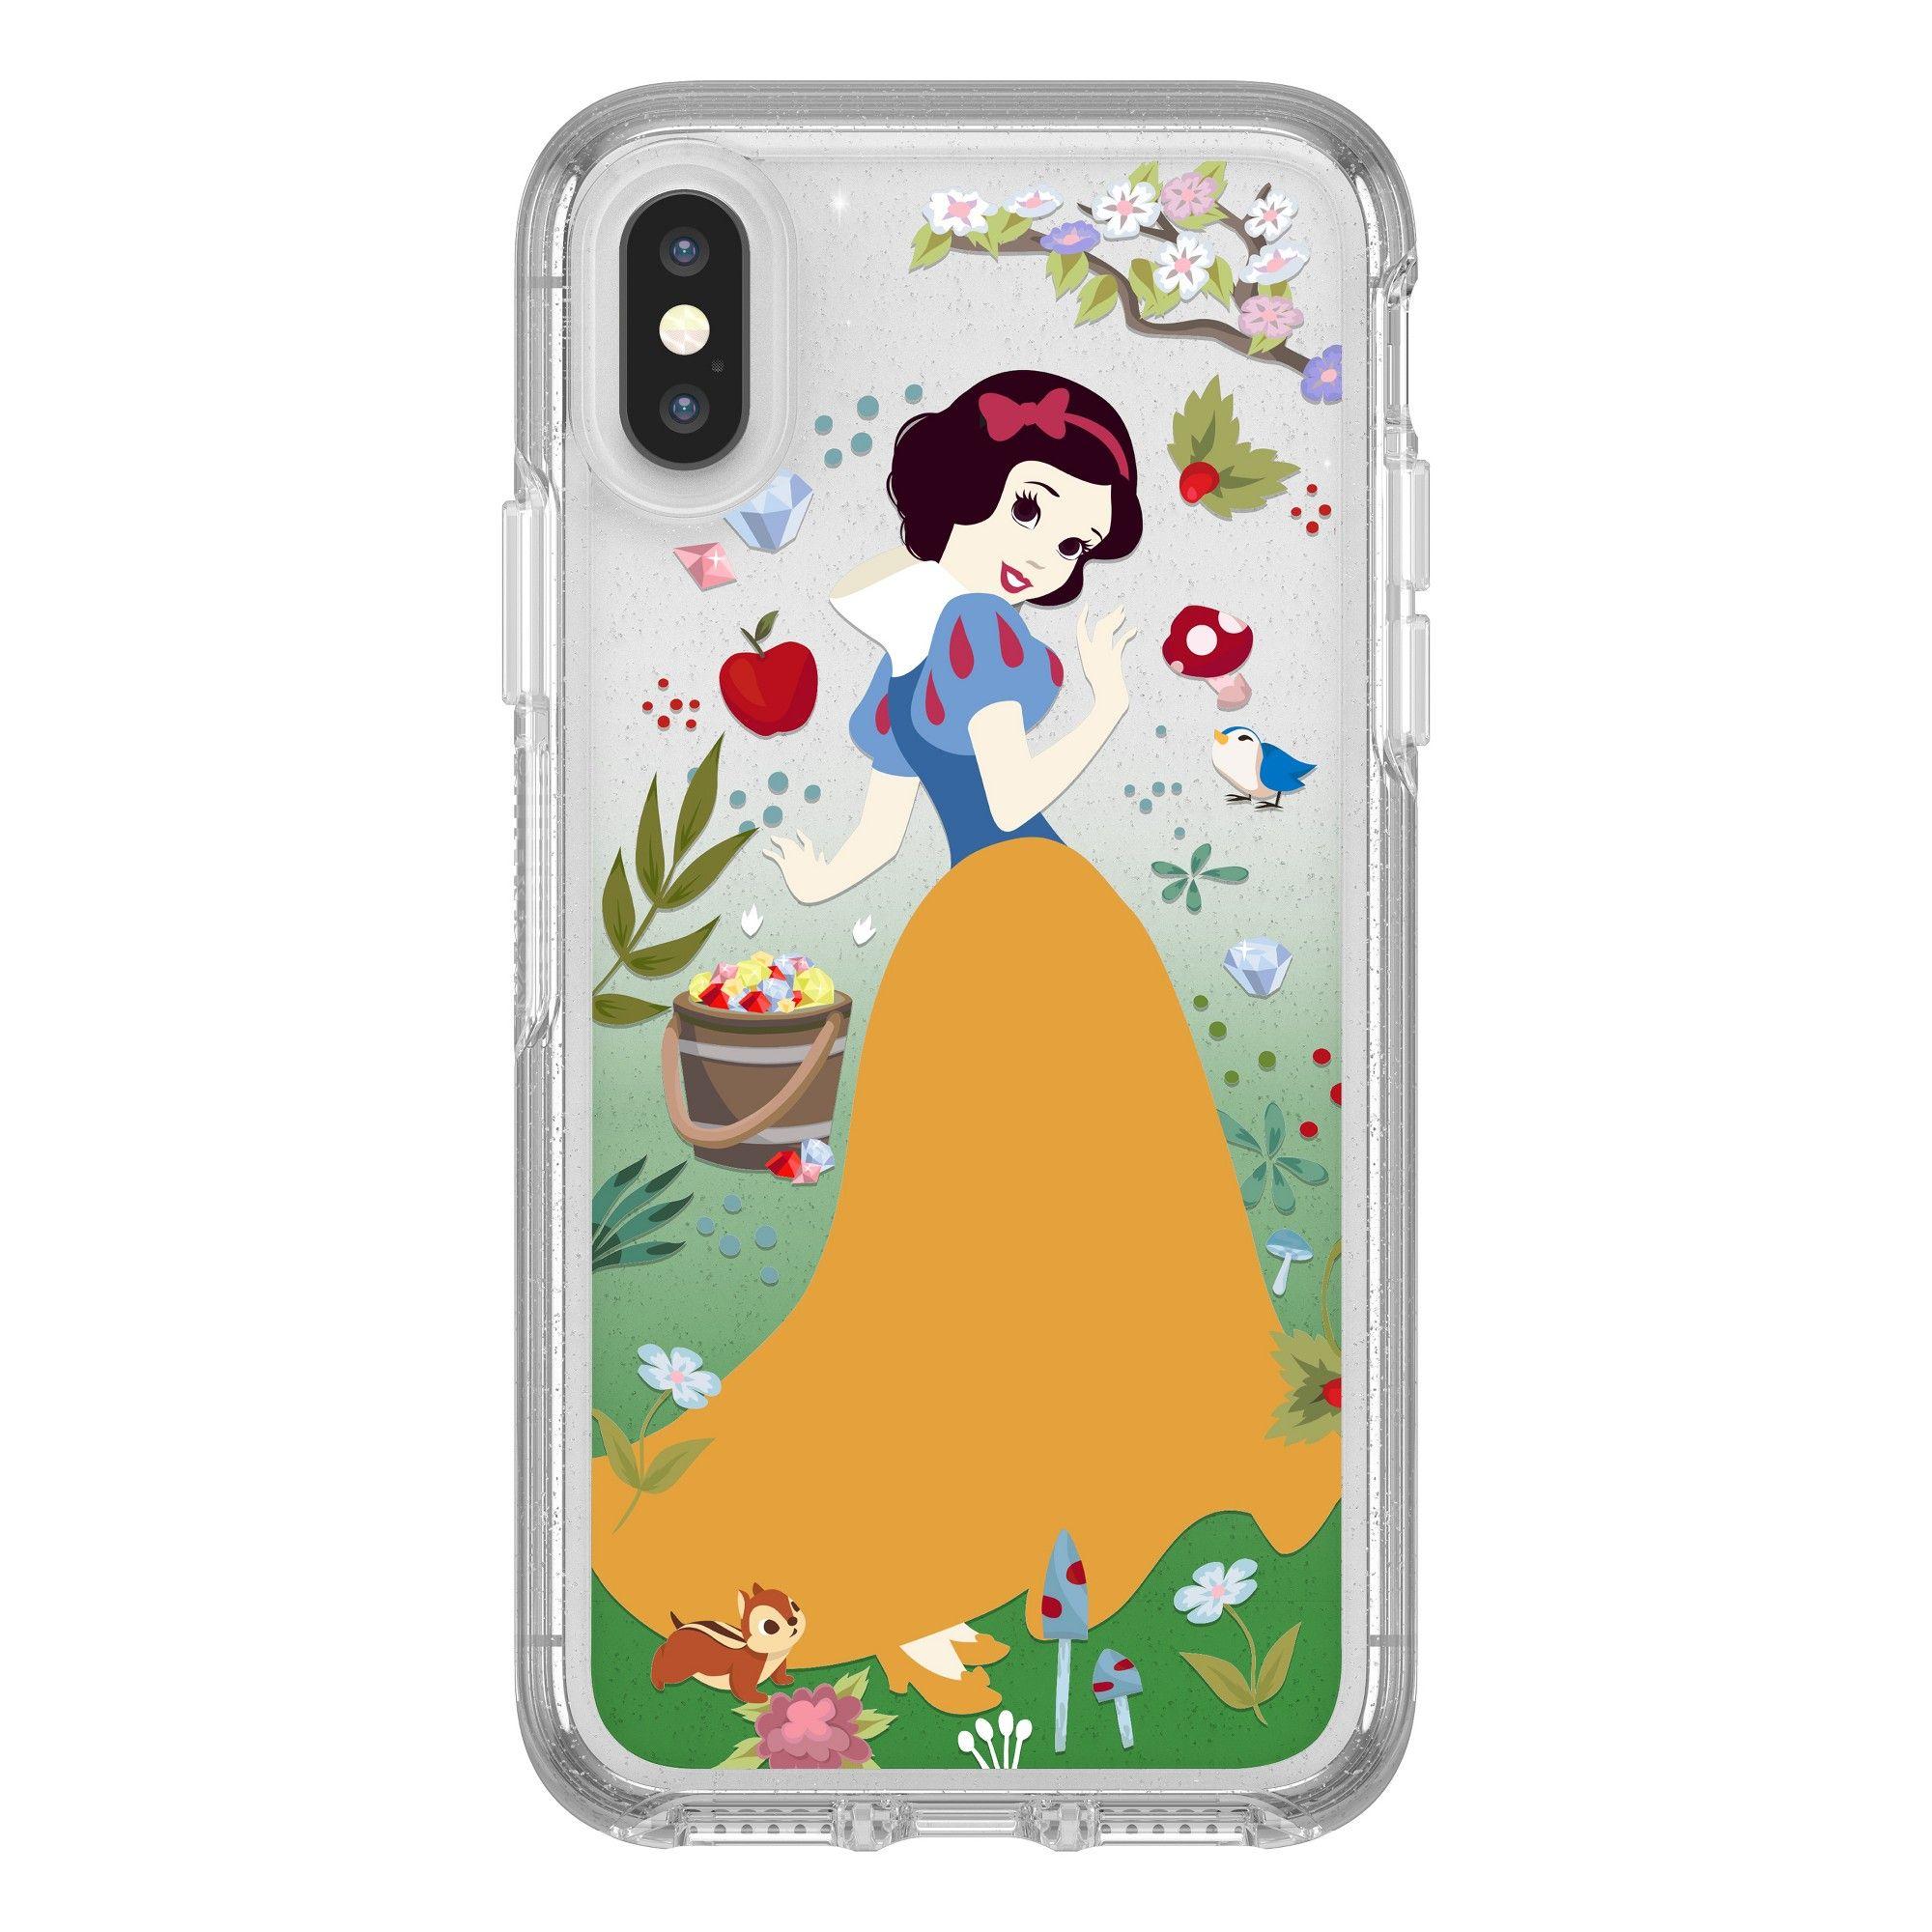 apple iphone 8 plus phone case disney